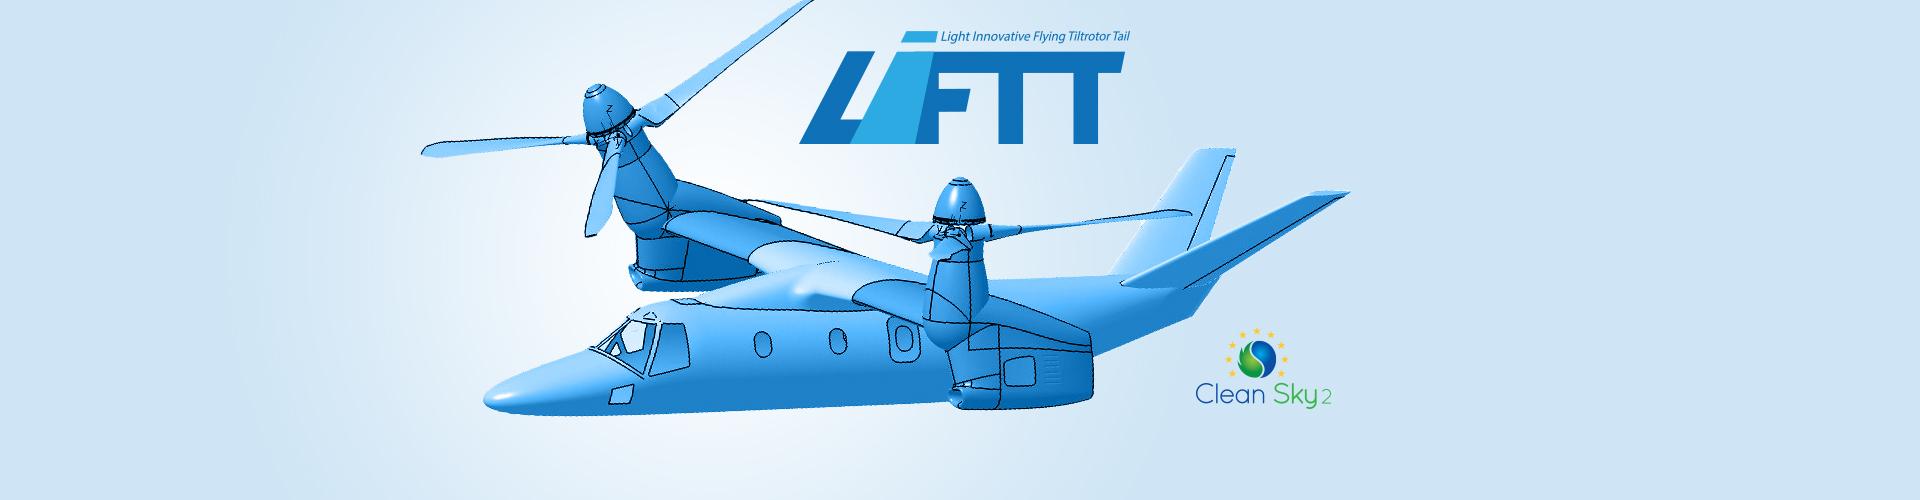 Light Innovative Flying Tiltrotor Tail (LIFTT)